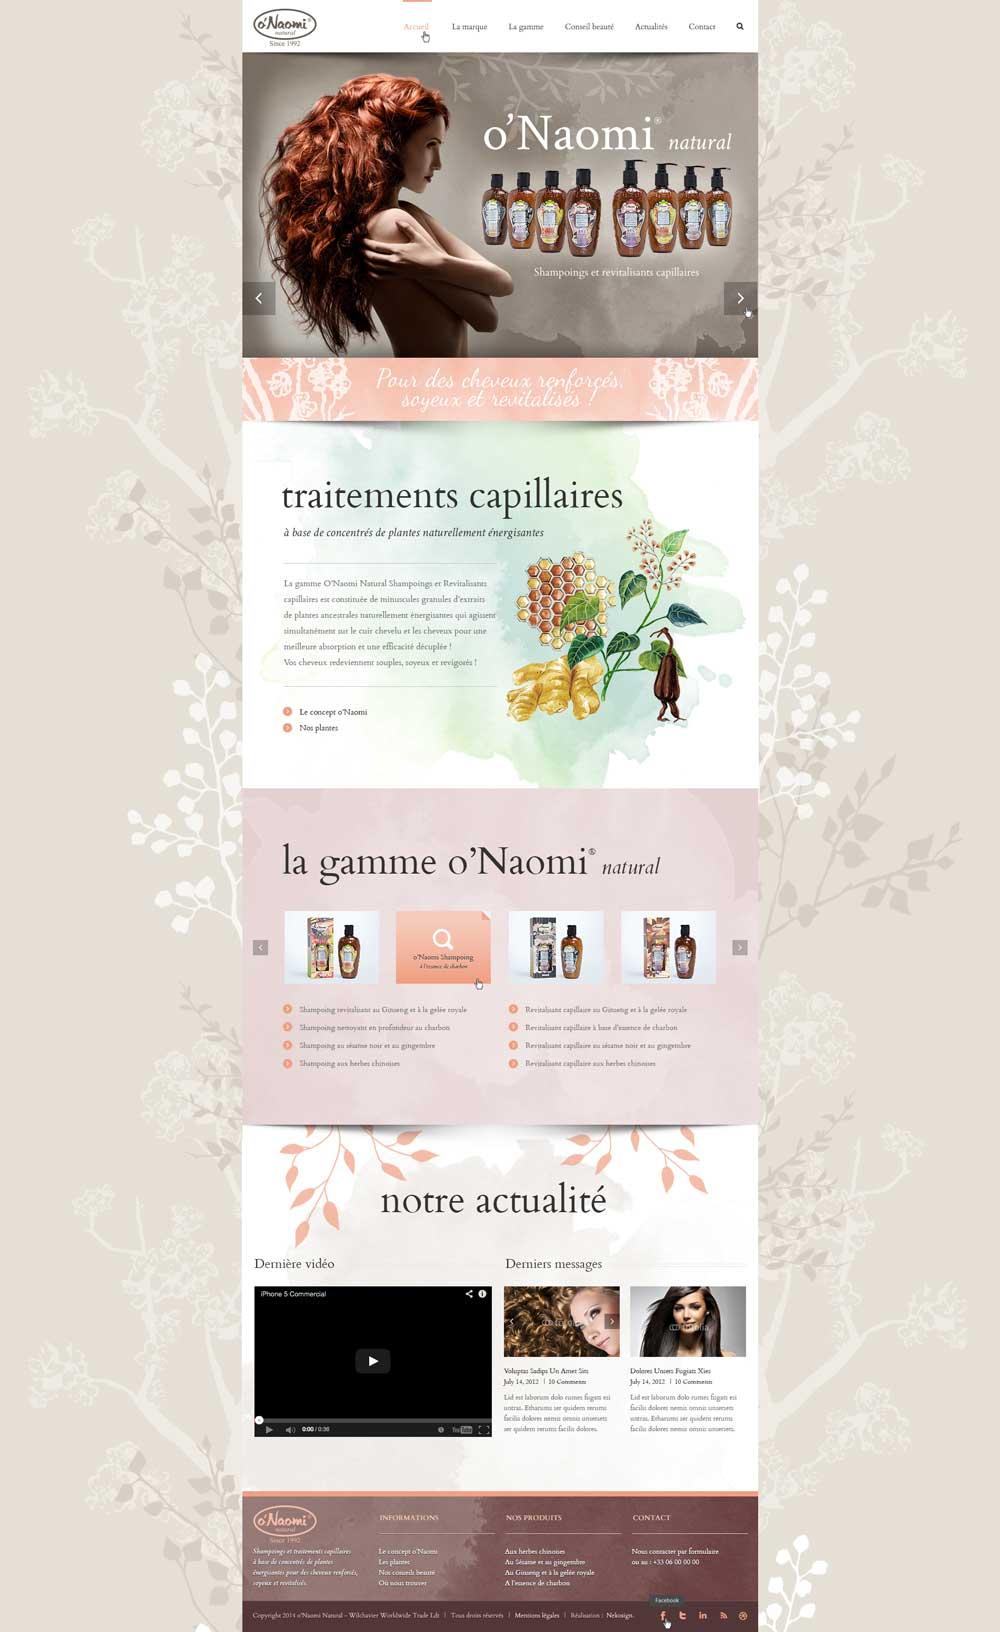 Webdesign o'Naomi natural